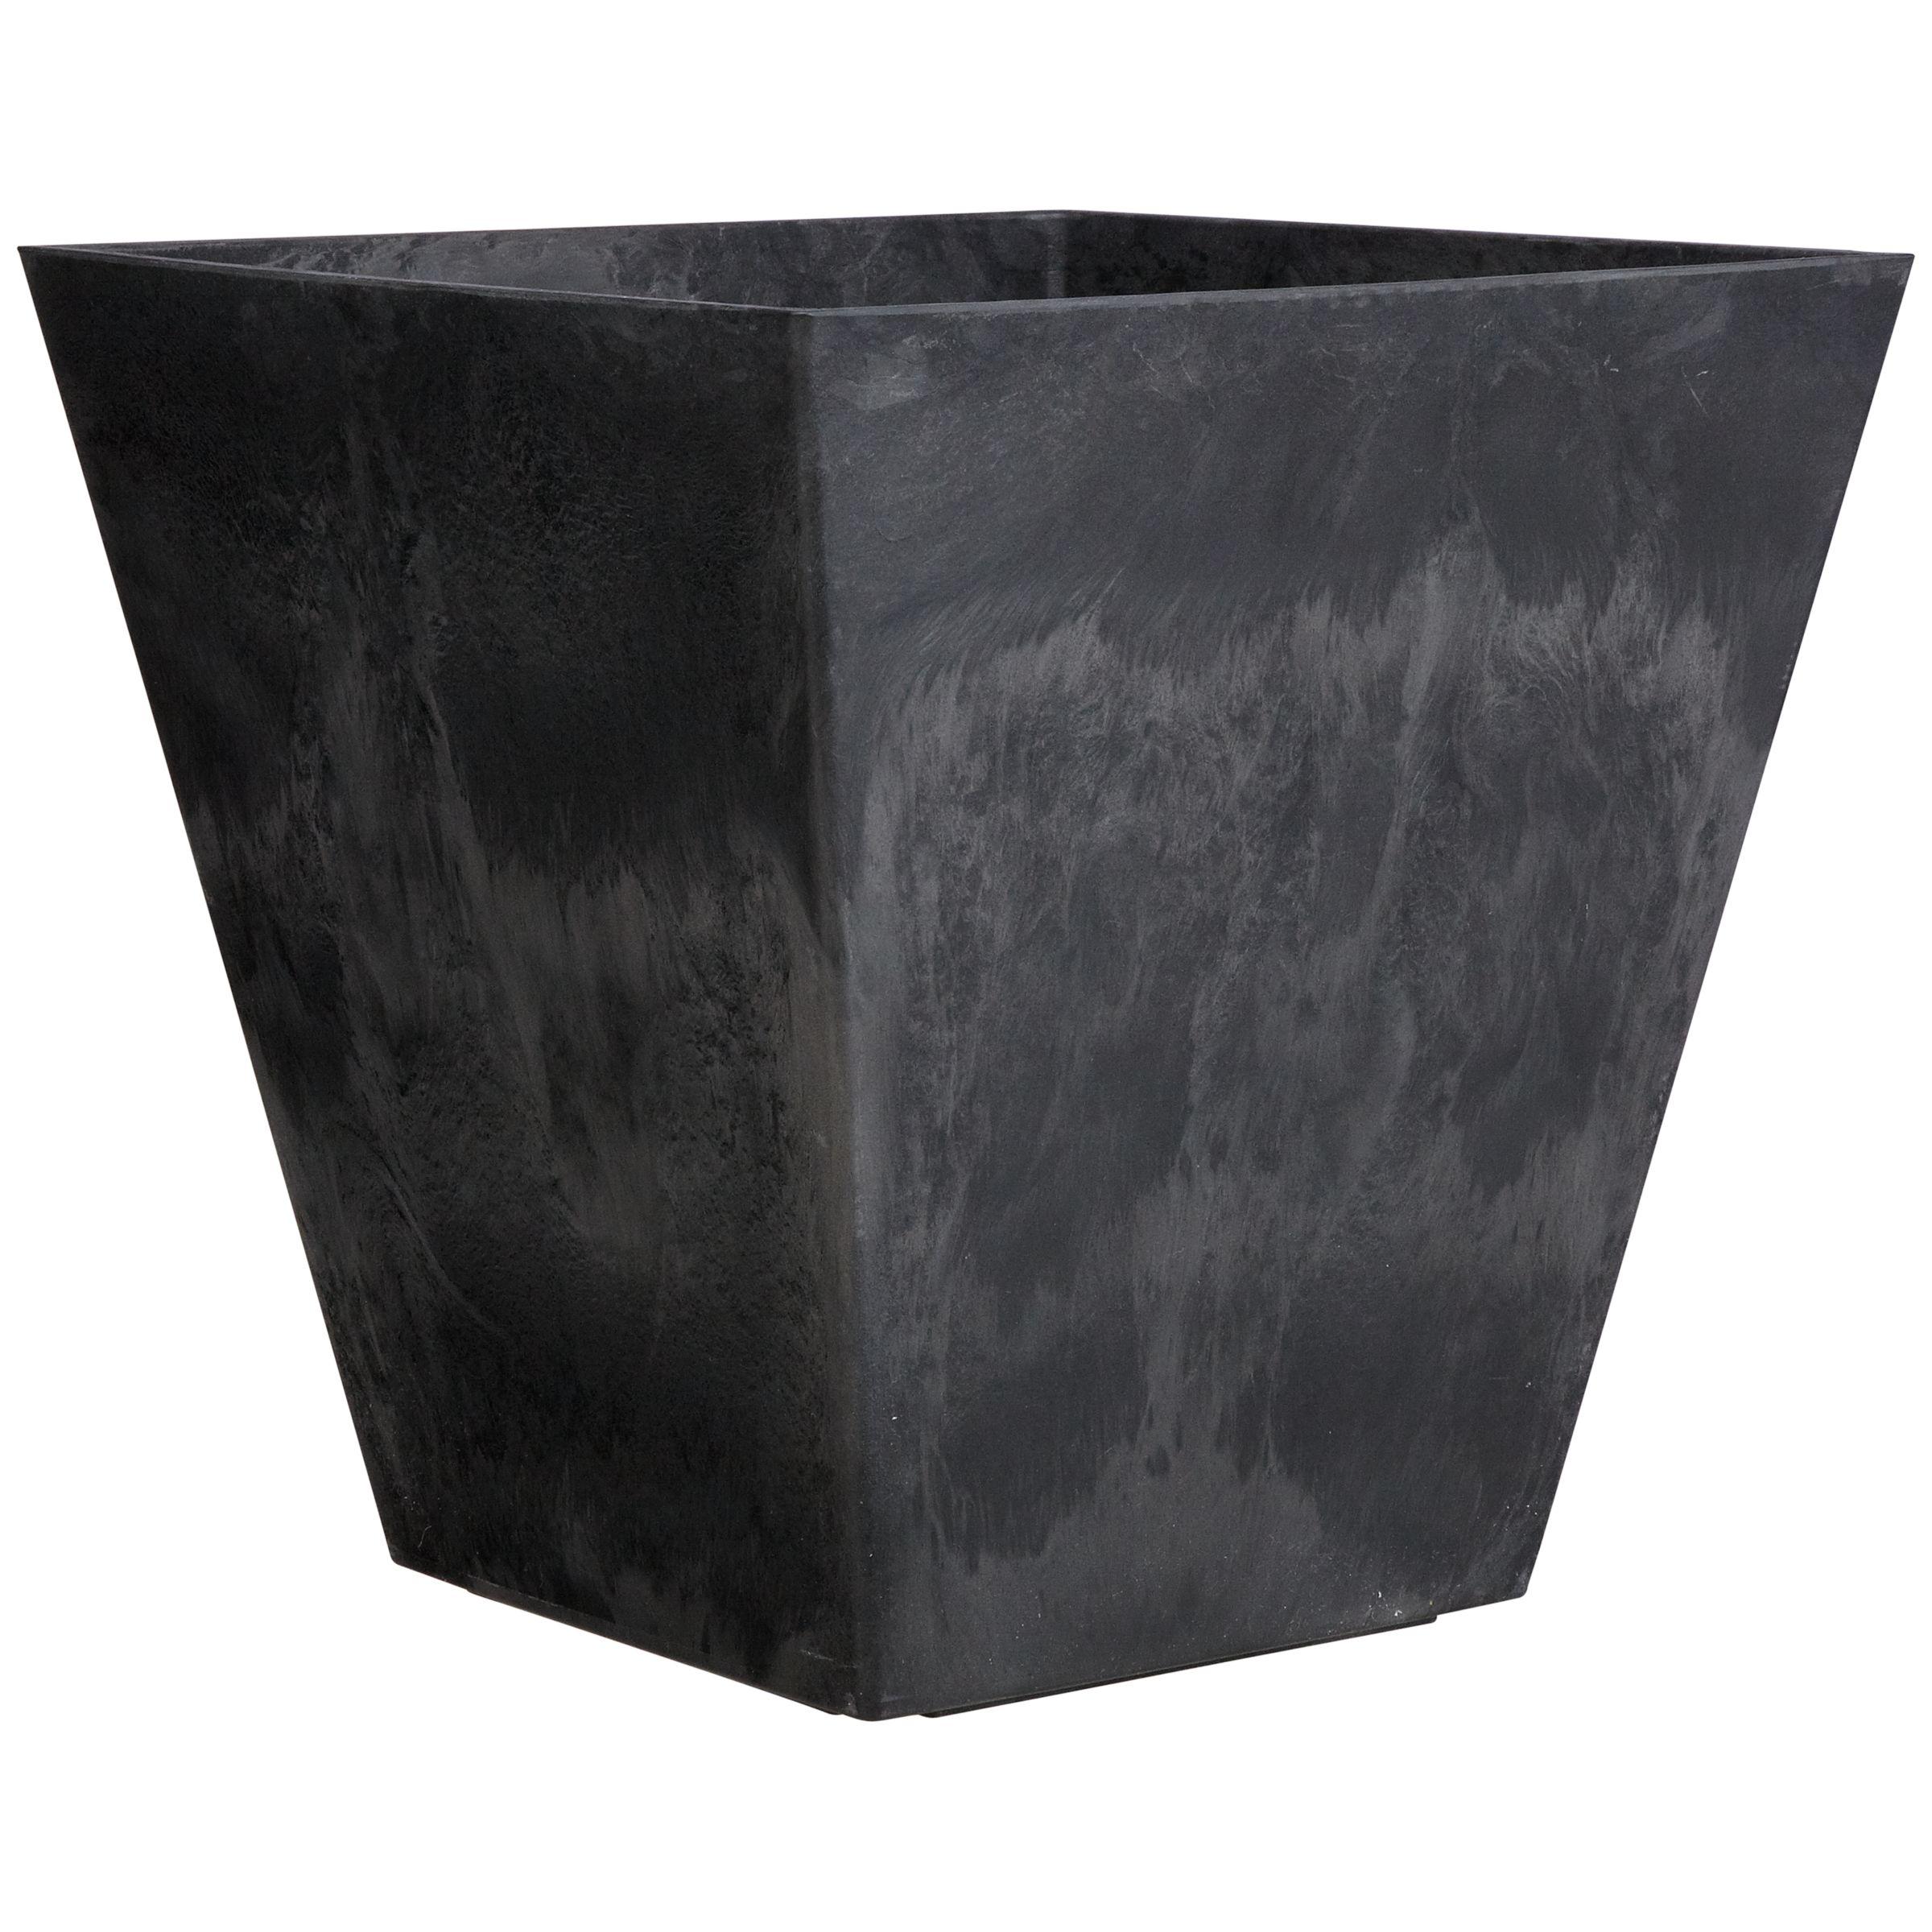 Artstone Artstone Ella Planter, Black, H40cm